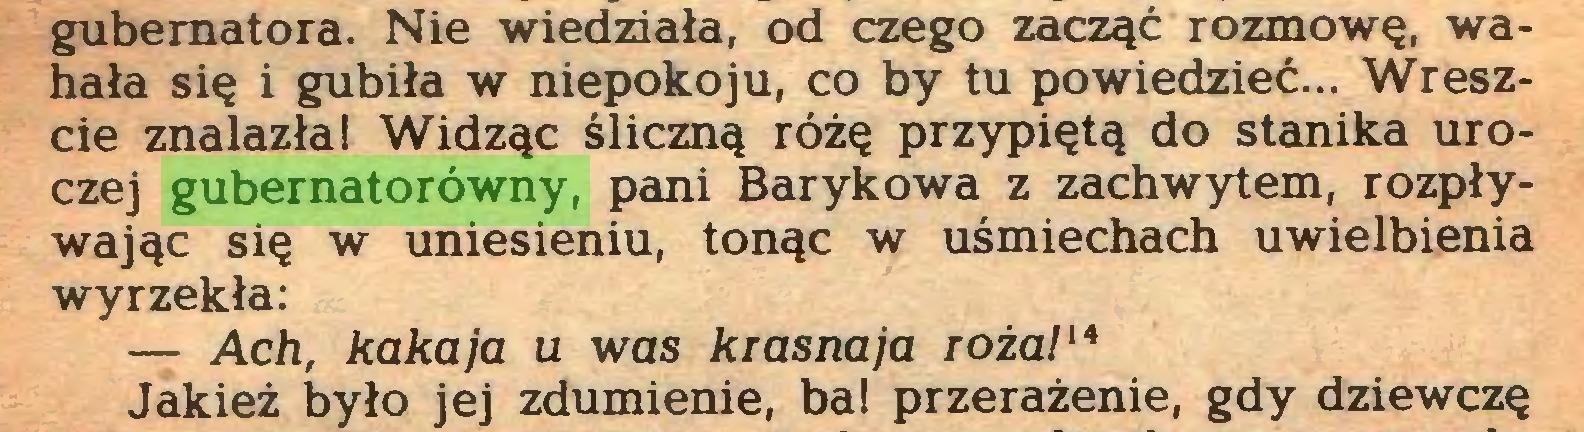 (...) gubernatora. Nie wiedziała, od czego zacząć rozmowę, wahała się i gubiła w niepokoju, co by tu powiedzieć... Wreszcie znalazła! Widząc śliczną różę przypiętą do stanika uroczej gubernatorówny, pani Barykowa z zachwytem, rozpływając się w uniesieniu, tonąc w uśmiechach uwielbienia wyrzekła: — Ach, kakaja u was krasna ja róża/'4 Jakież było jej zdumienie, ba! przerażenie, gdy dziewczę...